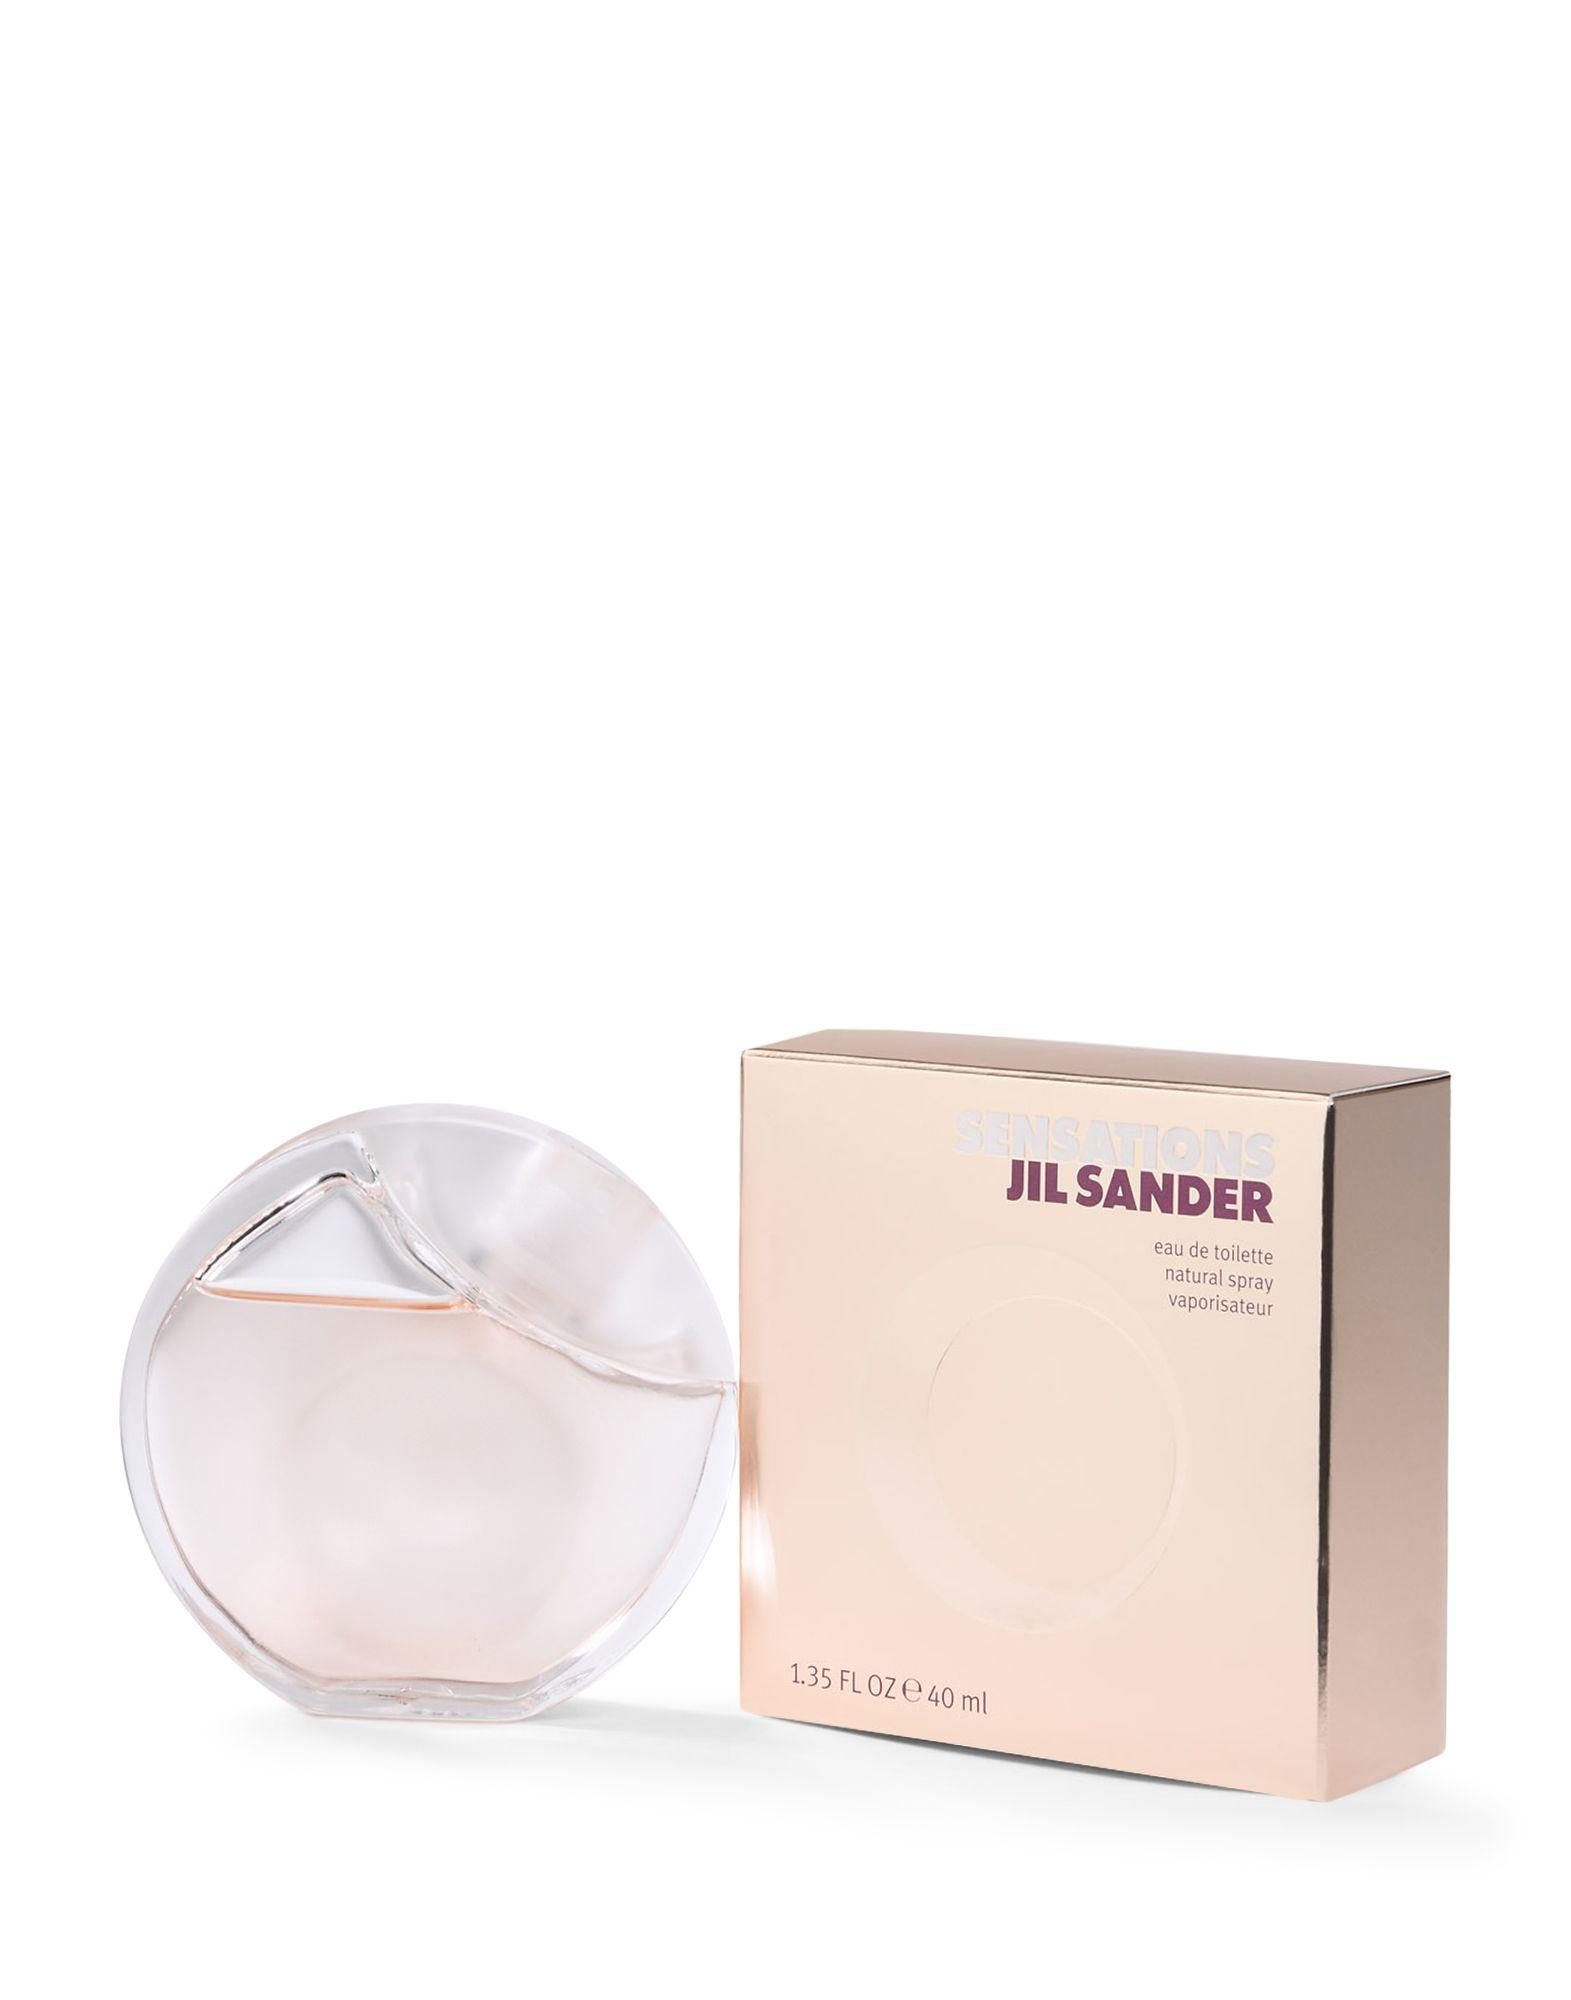 SENSATION - JIL SANDER Online Store